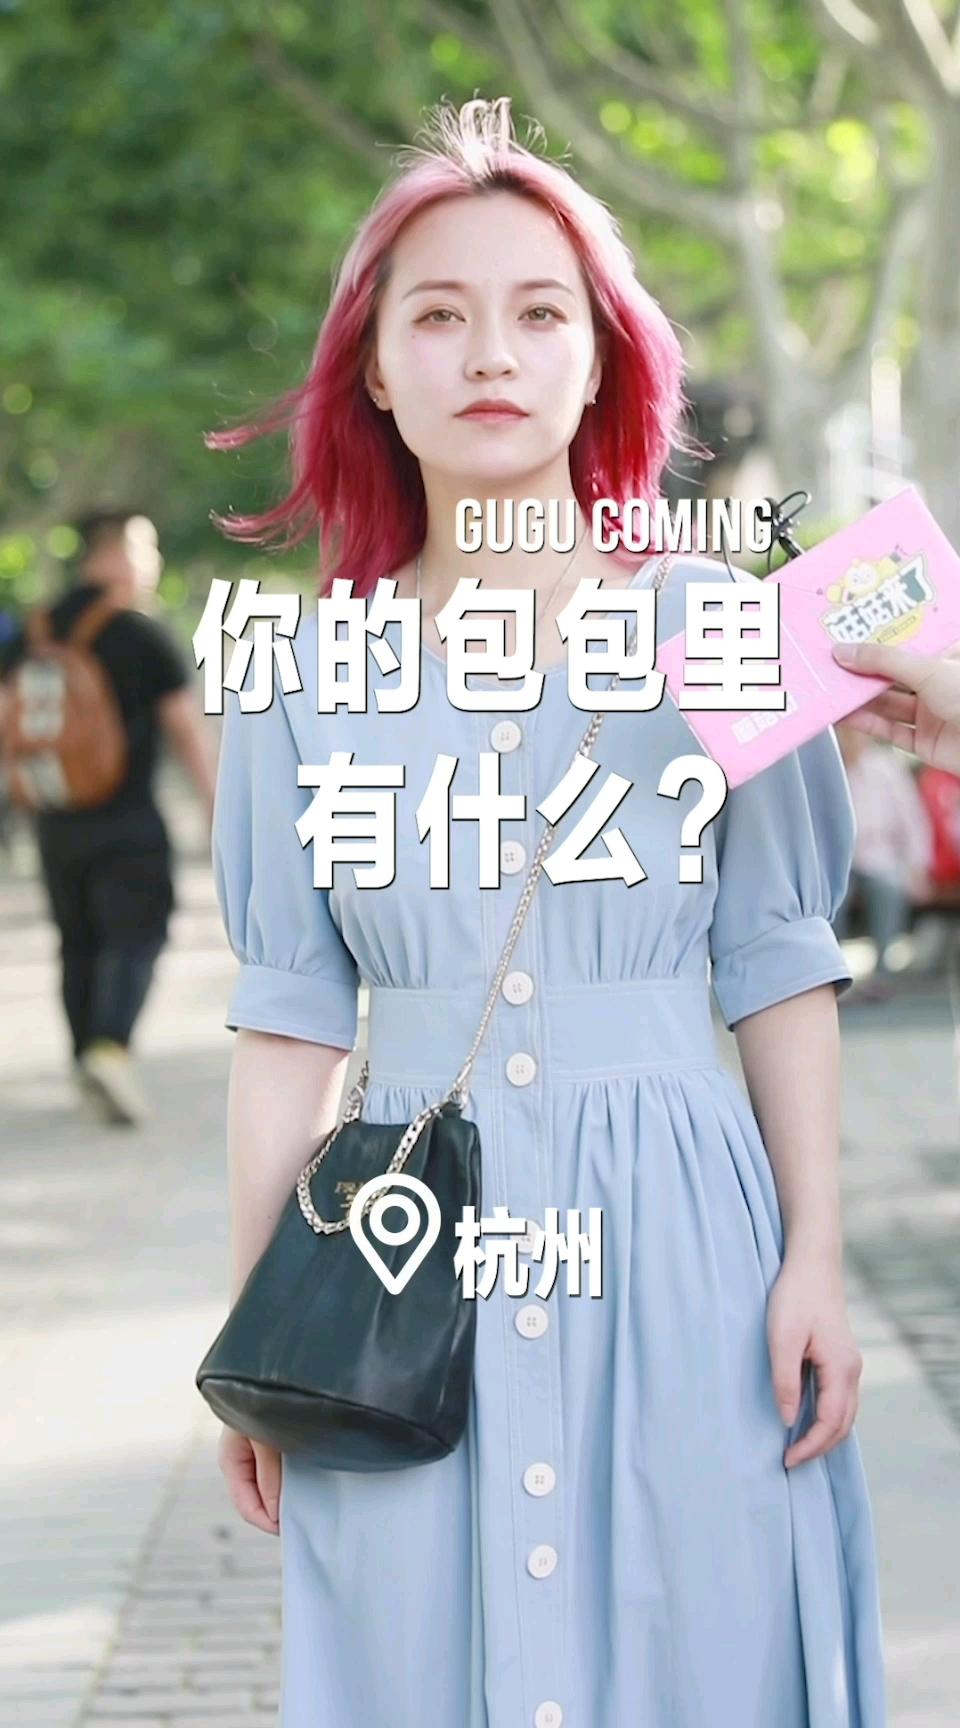 红发少女的包包里面有什么?看到车钥匙的那一刻我嫉妒了!#杭州# 大家平时的出行方式是什么?@Vanessa0111